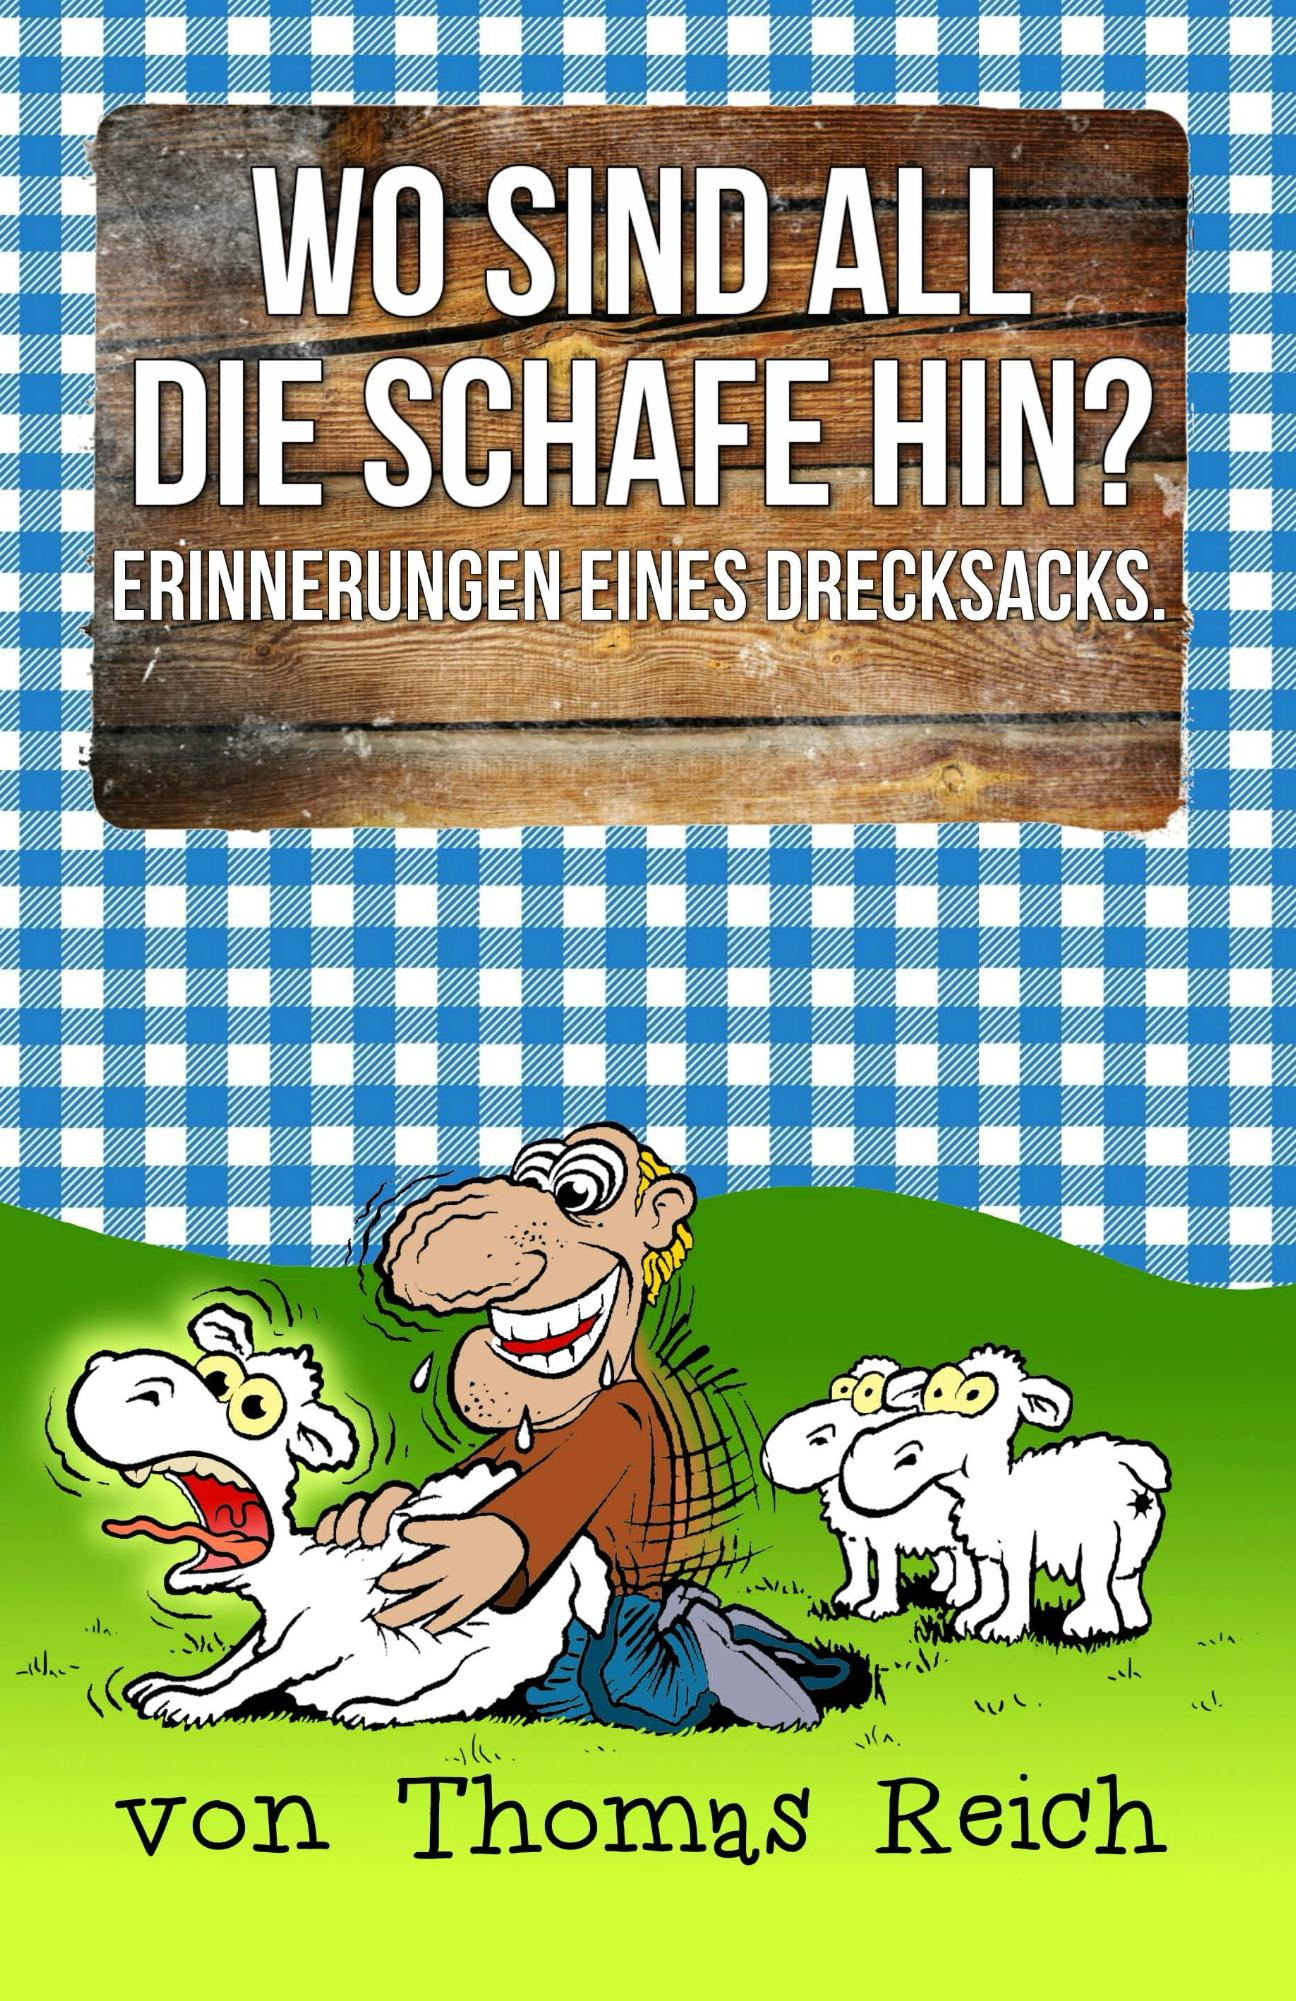 Wo sind all die Schafe hin?